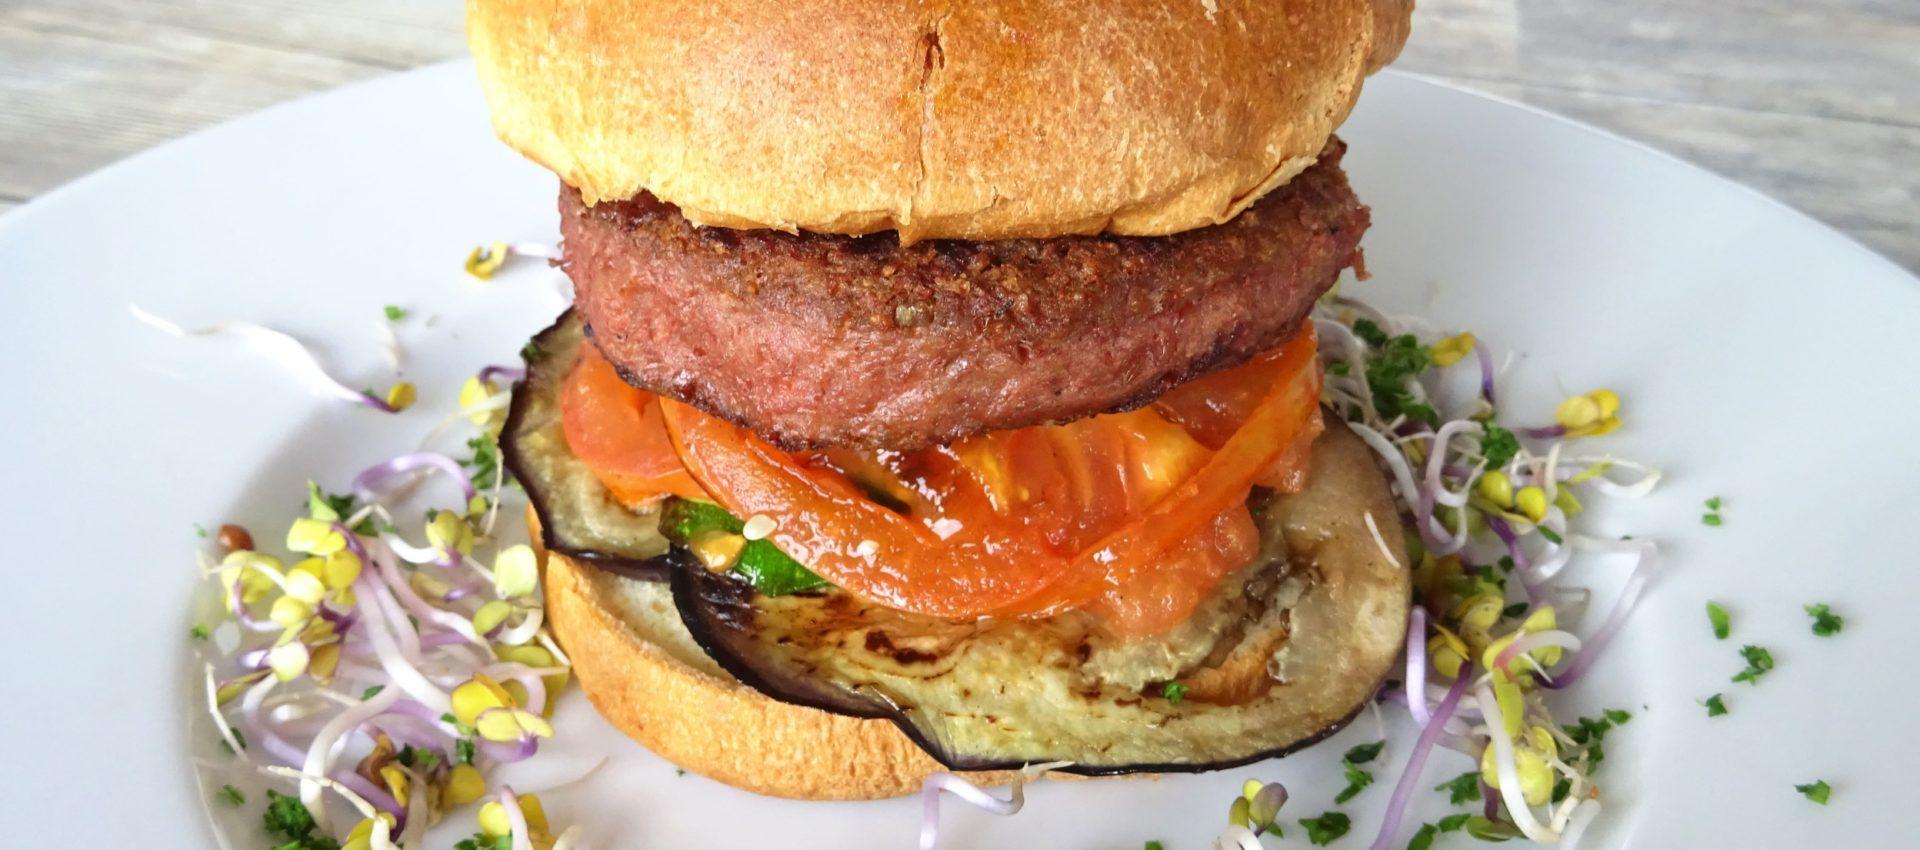 receta hamburguesa beyond burger